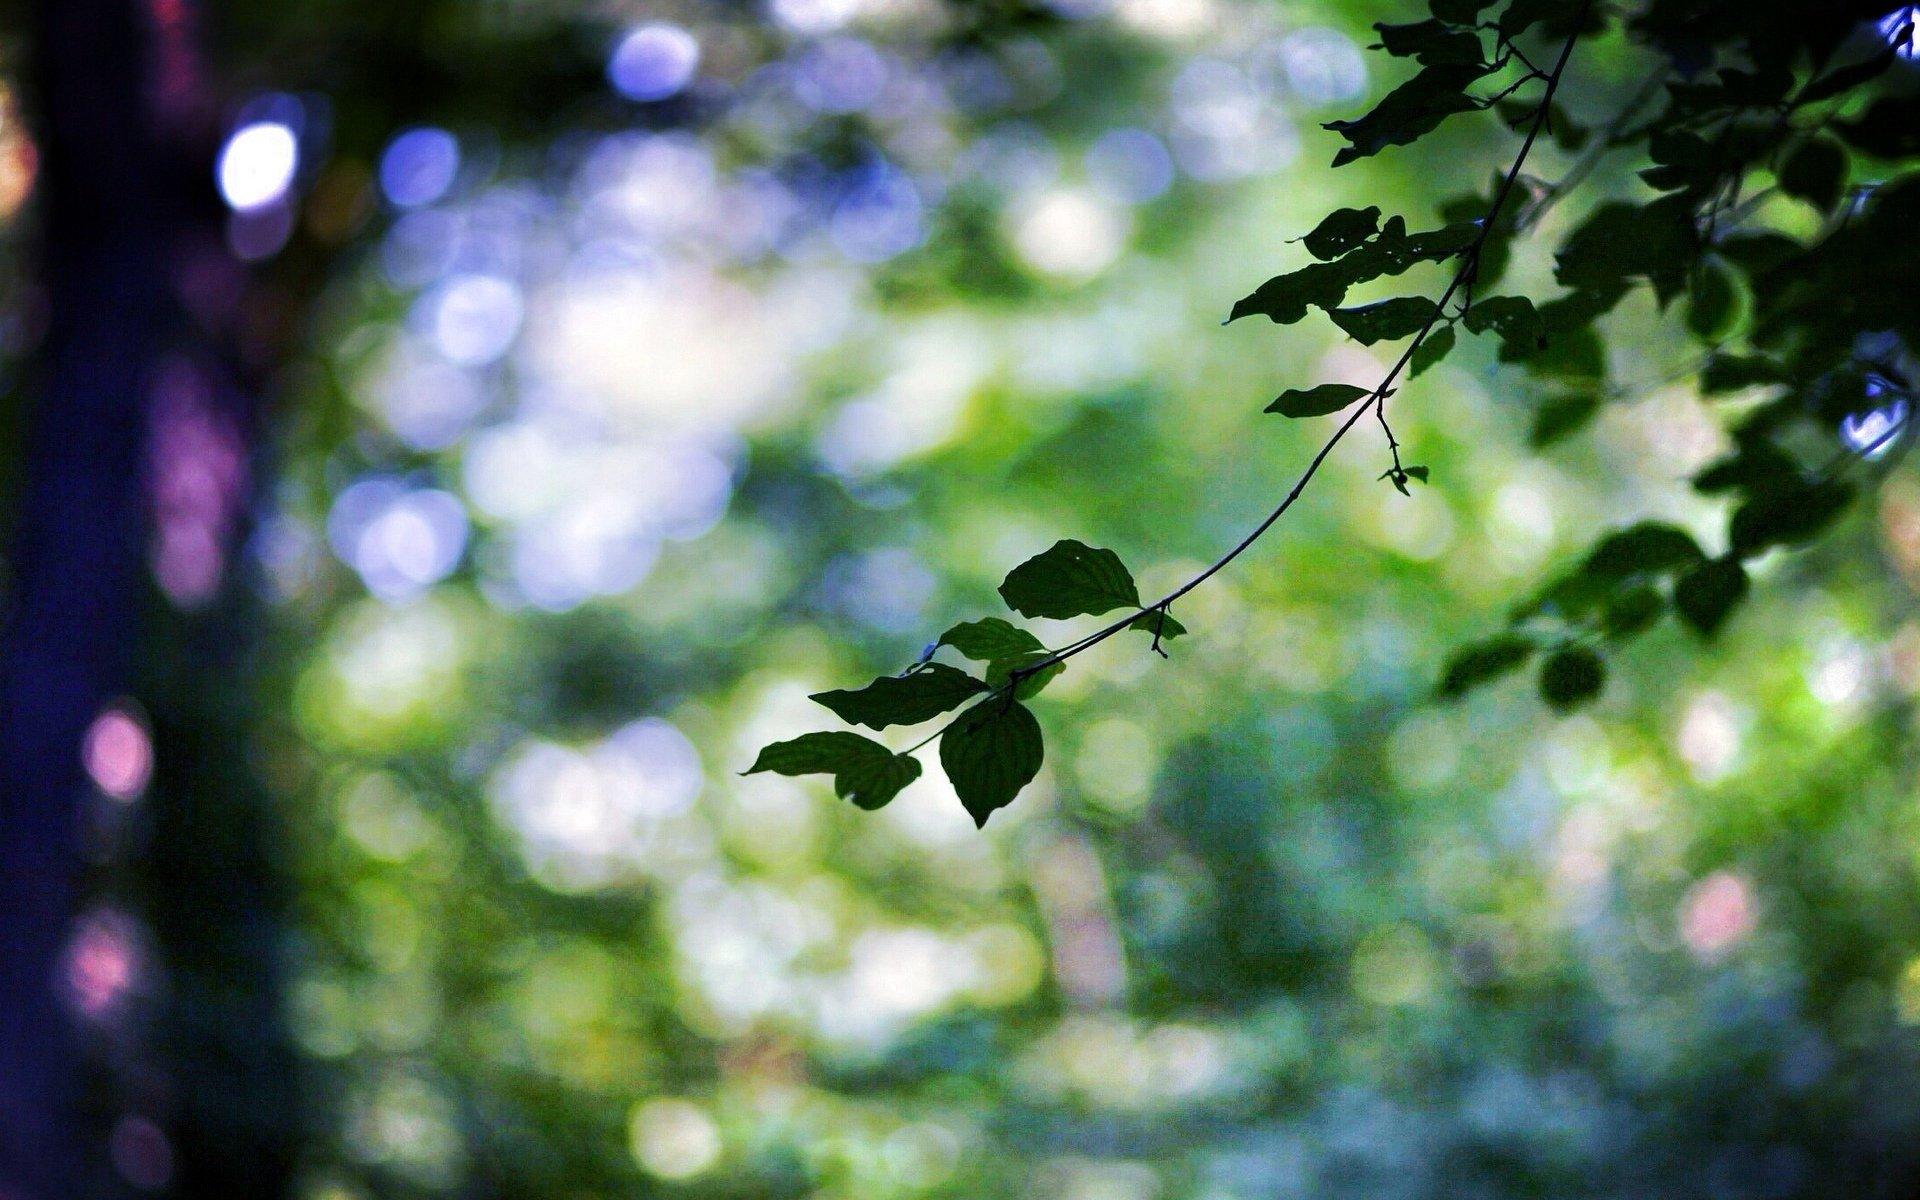 природа деревья ветки листья nature trees branches leaves  № 1275067 загрузить